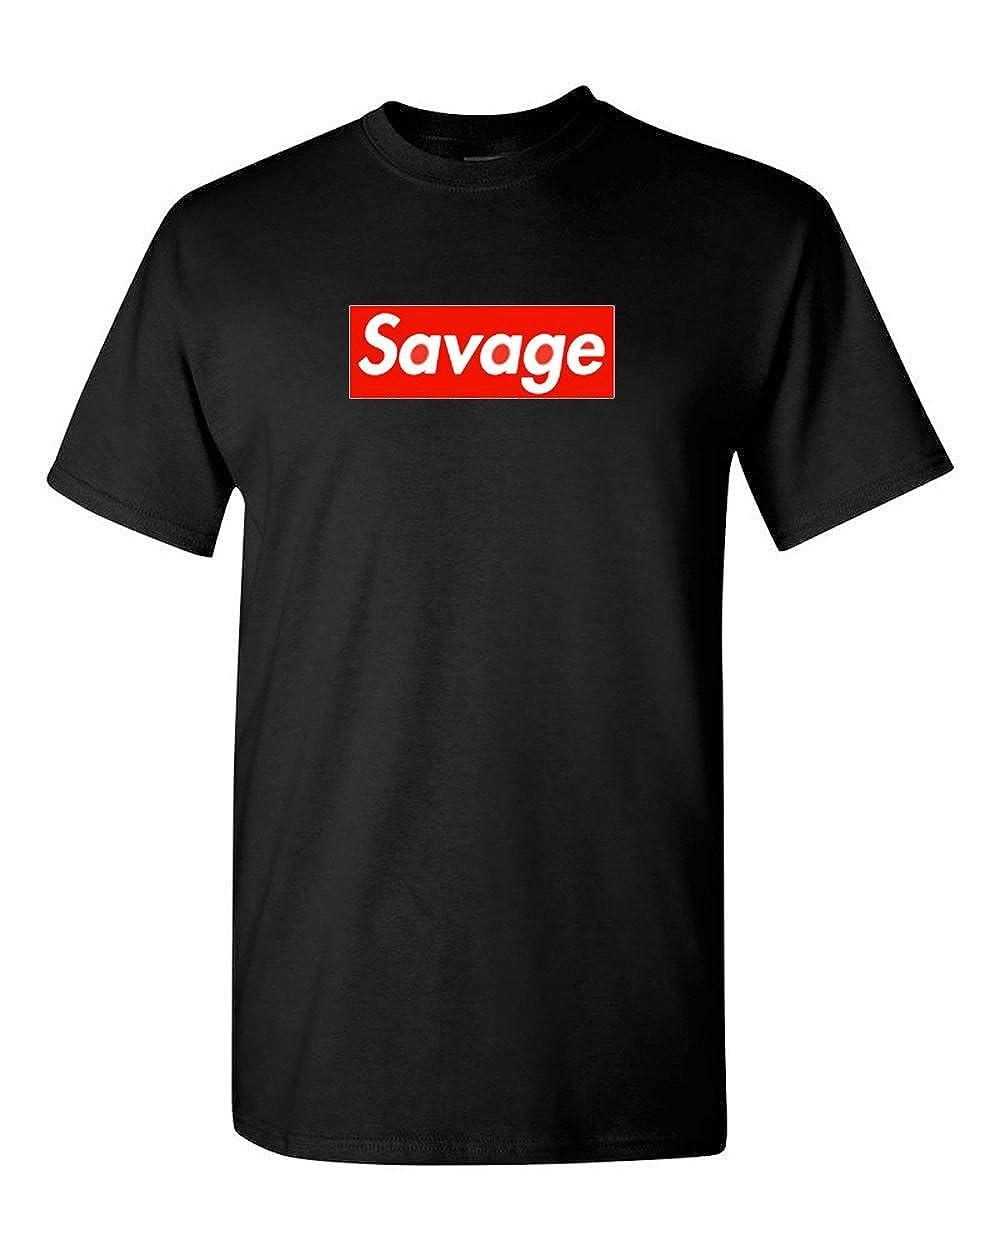 6e855eb1517d Amazon.com: Supreme Savage Box Logo T Shirt - 21 Savage: Clothing